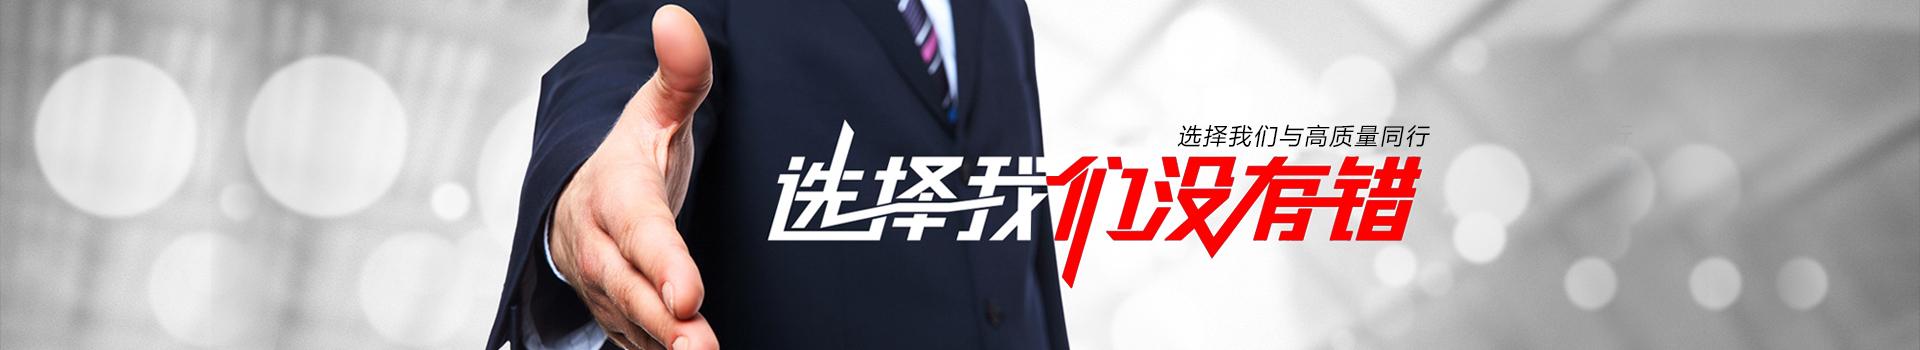 江苏建民工具有限公司